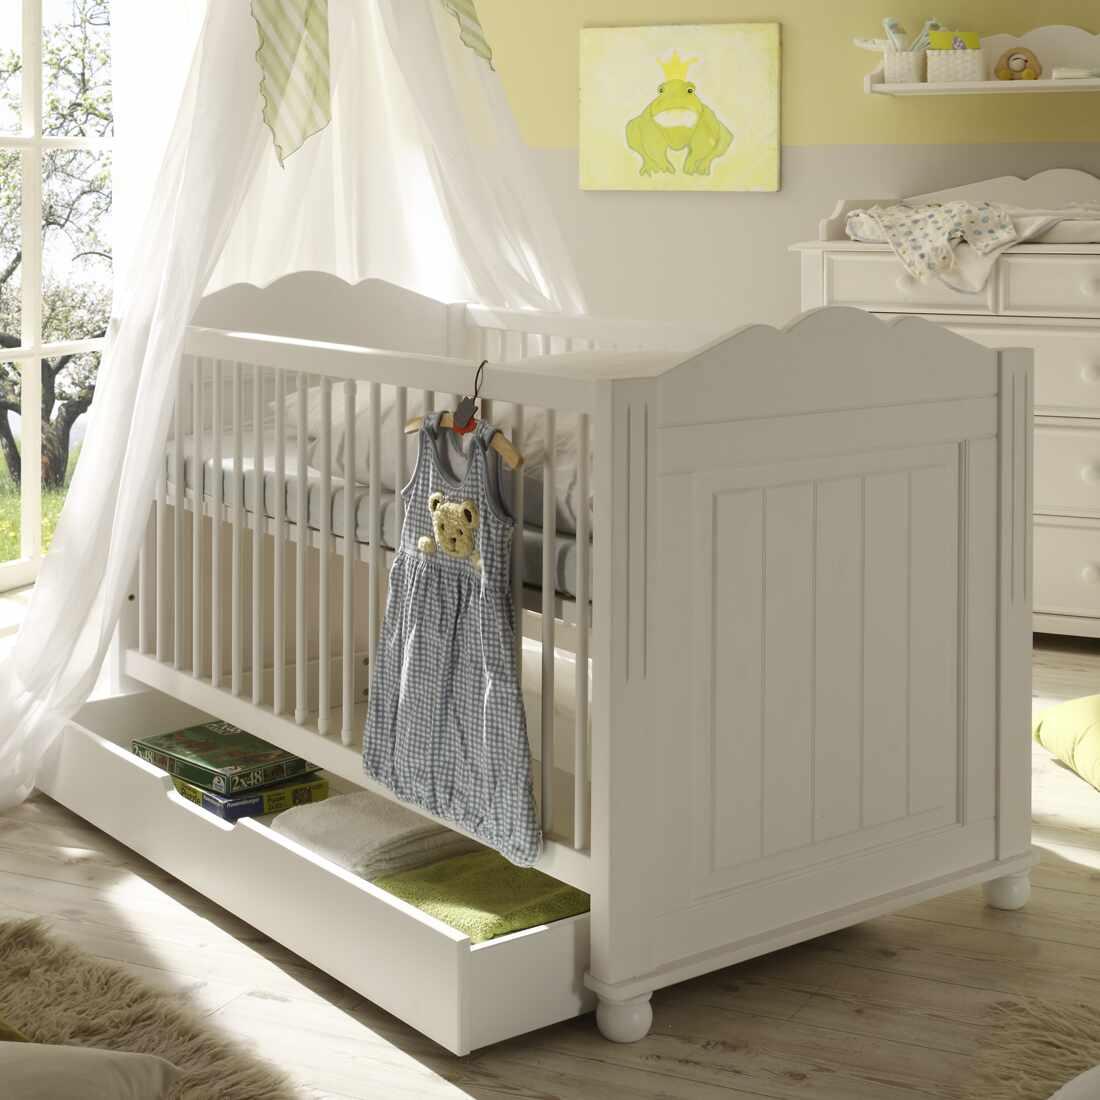 Patut din lemn de pin si pal, cu sertar pentru bebe Pallas Junior Alb, 140 x 70 cm la pret 2451 lei